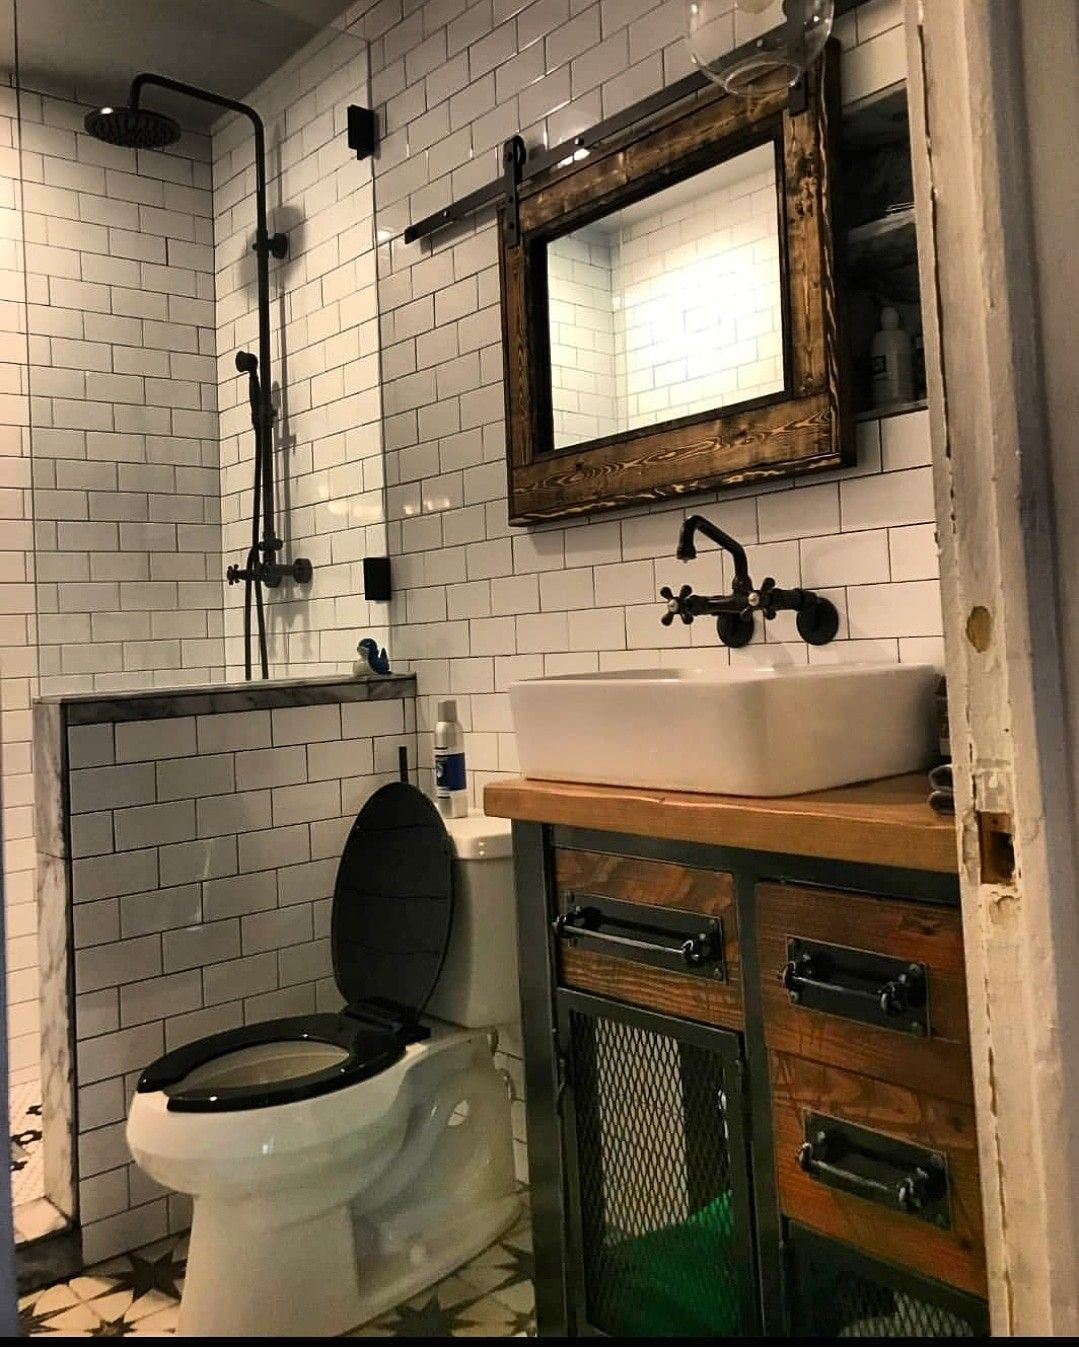 Vintage Industrial Bathroom Vanity Storage Cabinet Vintage Industrial Bathroom Industrial Bathroom Vanity Industrial Bathroom Design